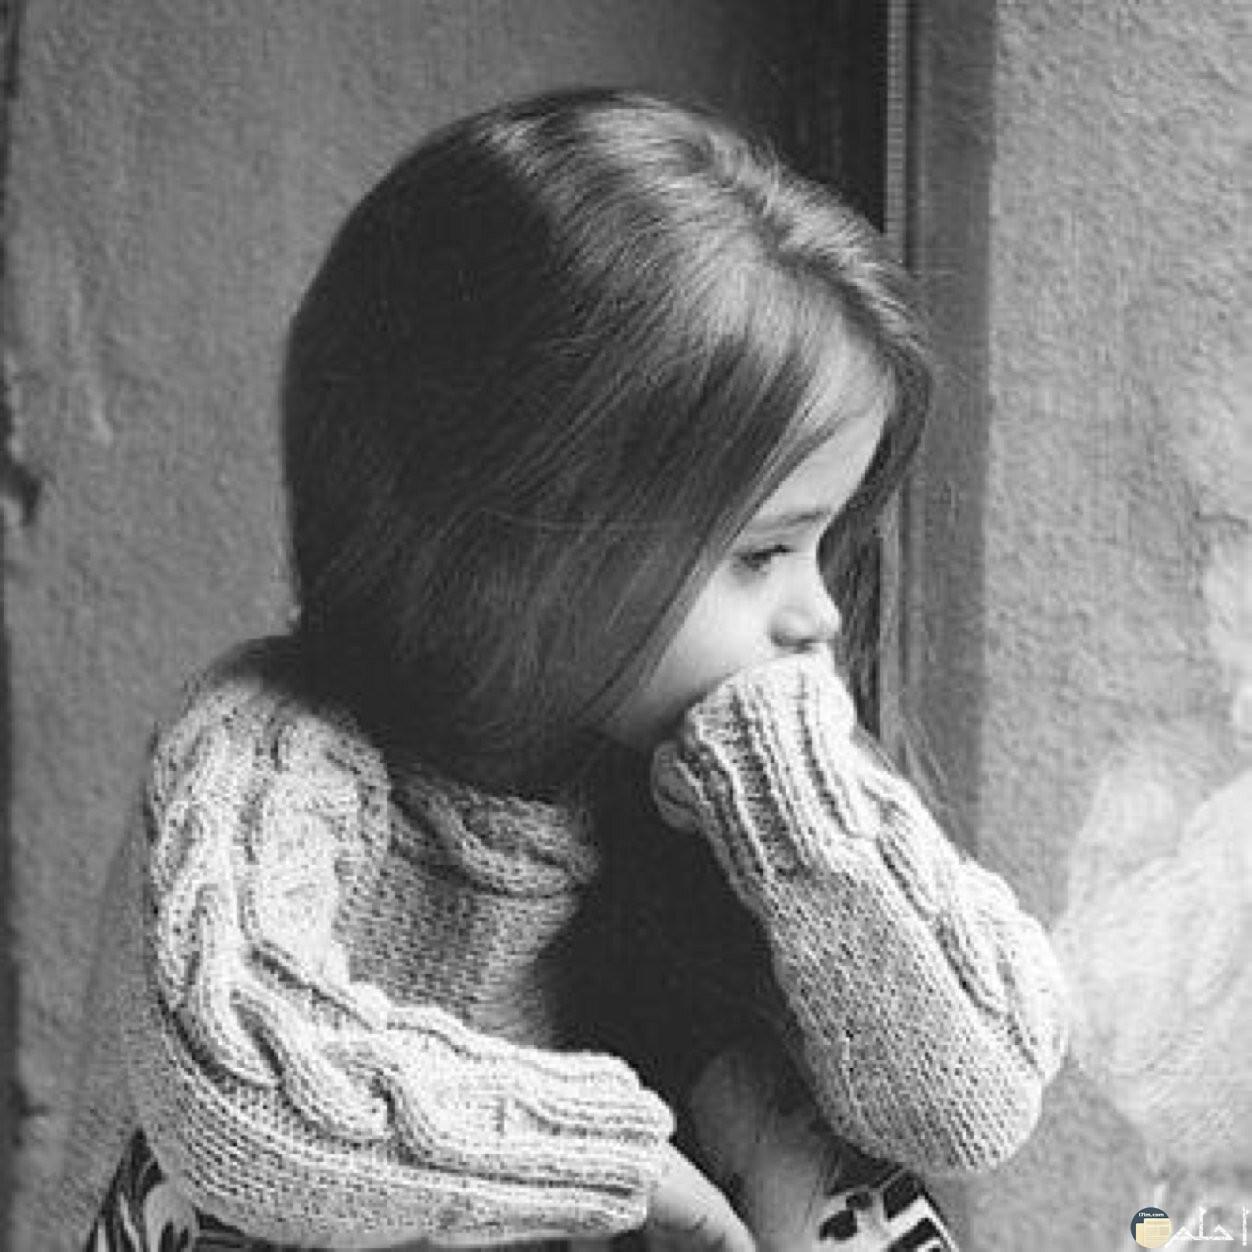 بنوته صغيرة تجلس بمفردها زعلانه